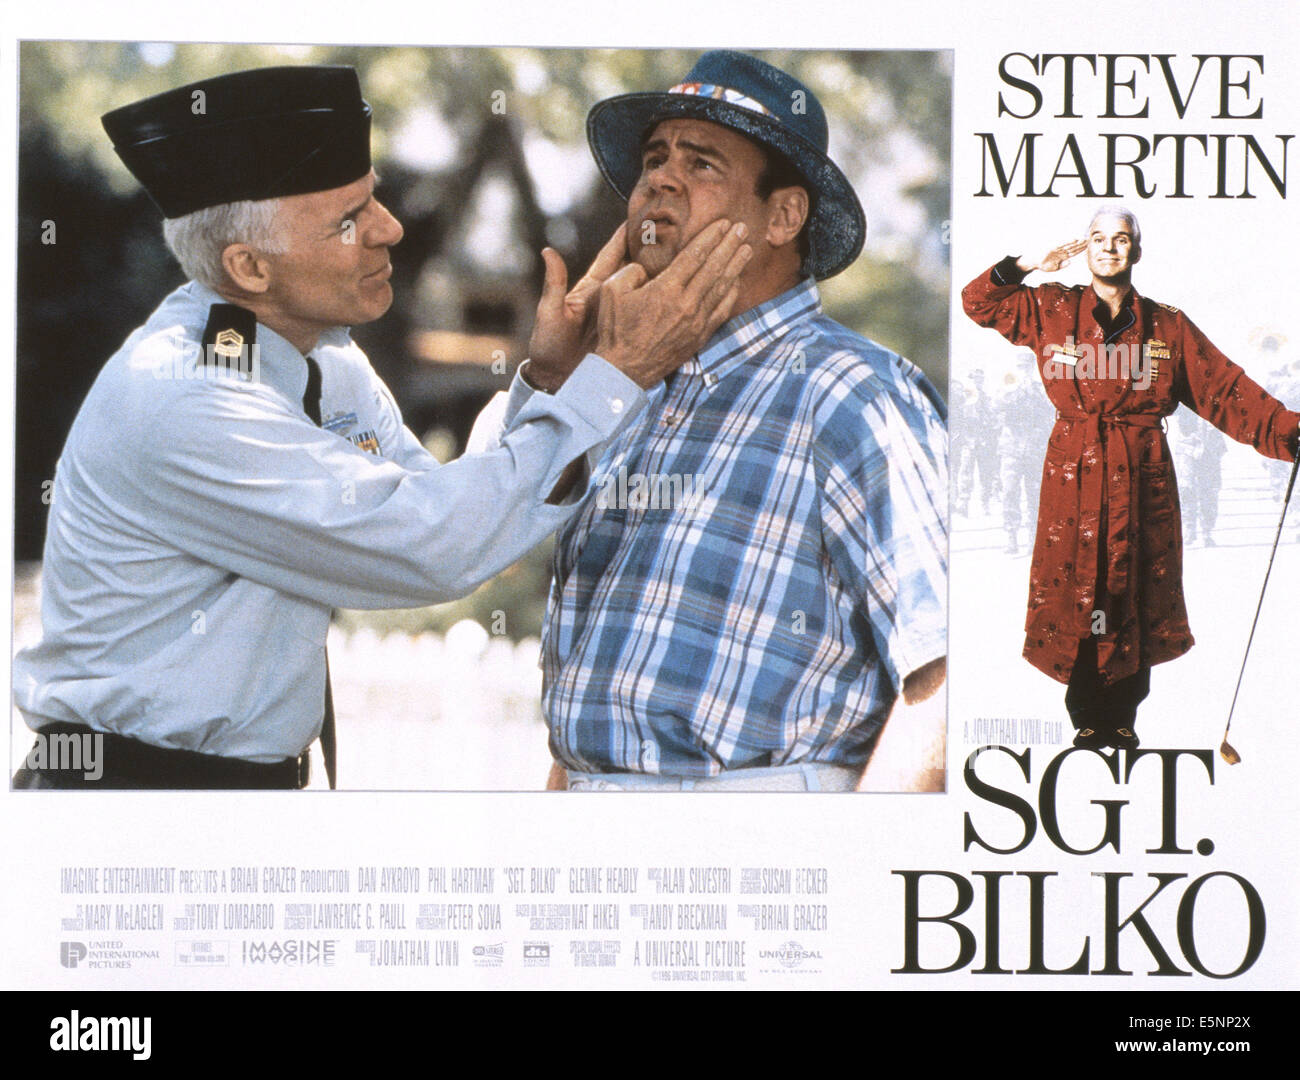 SGT. BILKO, US lobbycard, from left: Steve Martin, Dan Aykroyd, Steve Martin, 1996, © Universal/courtesy Everett - Stock Image